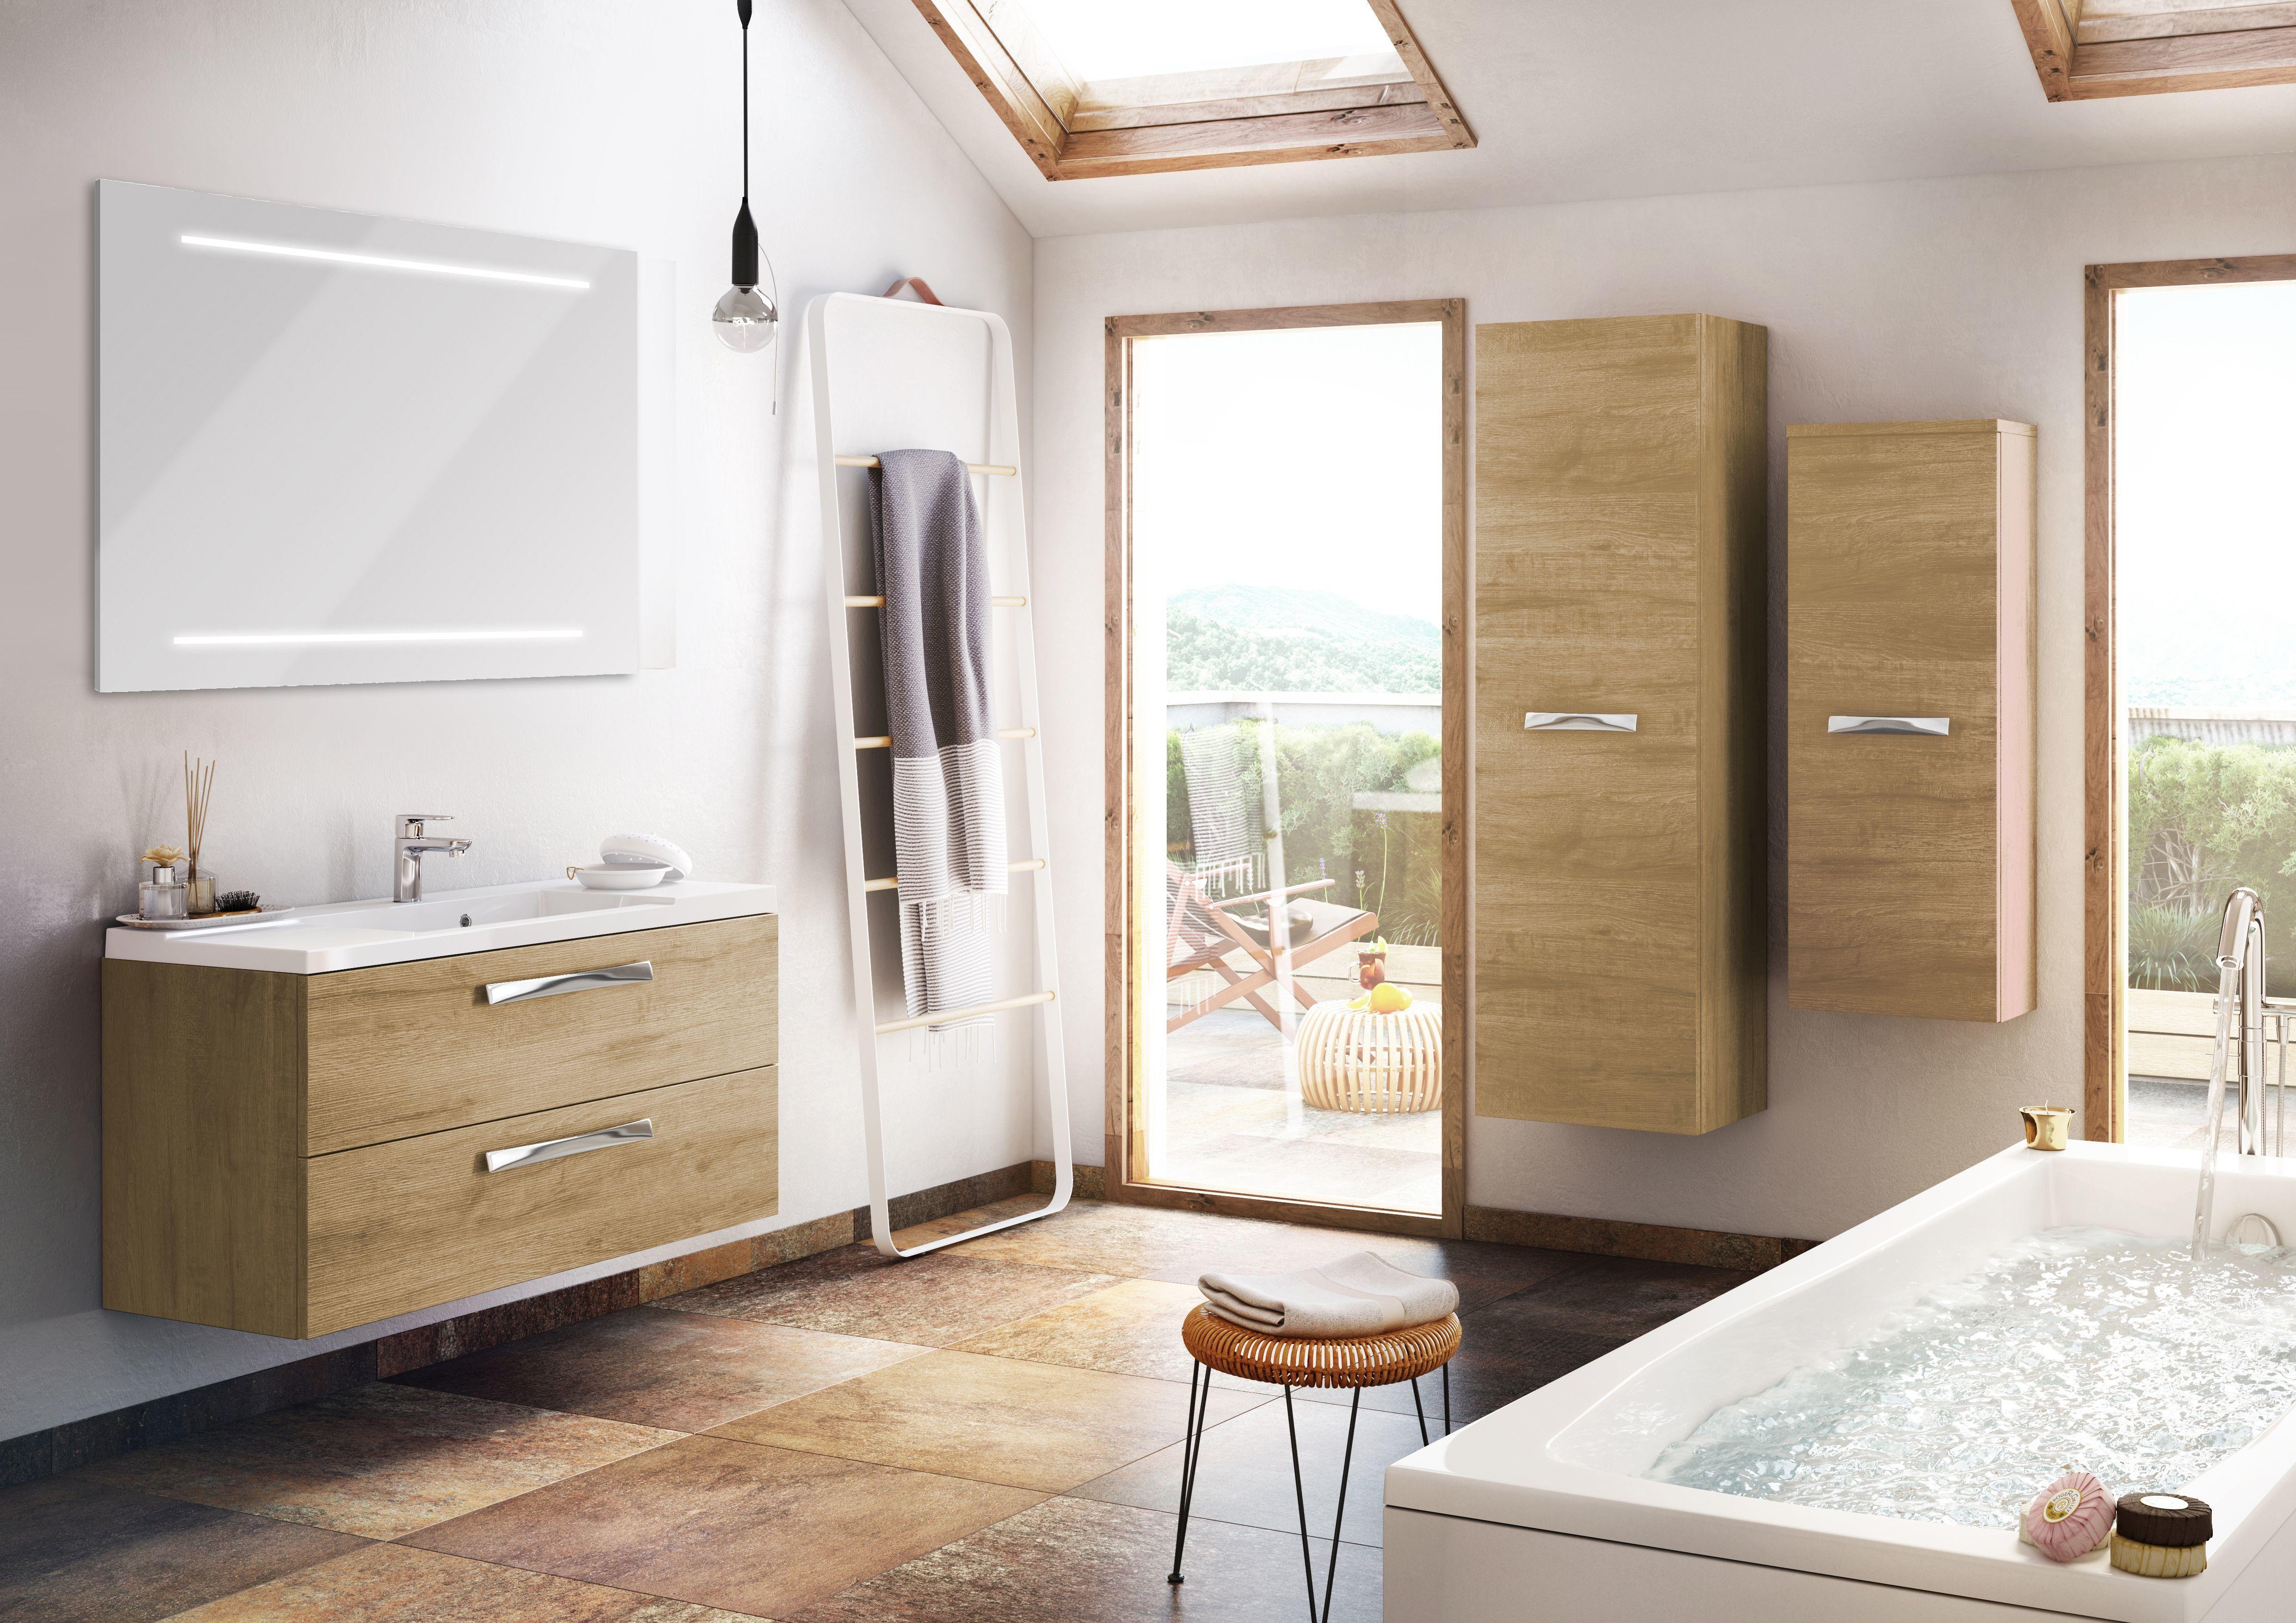 Meuble salle de bain #nature façon #bois pour une #ambiance #cosy et ...